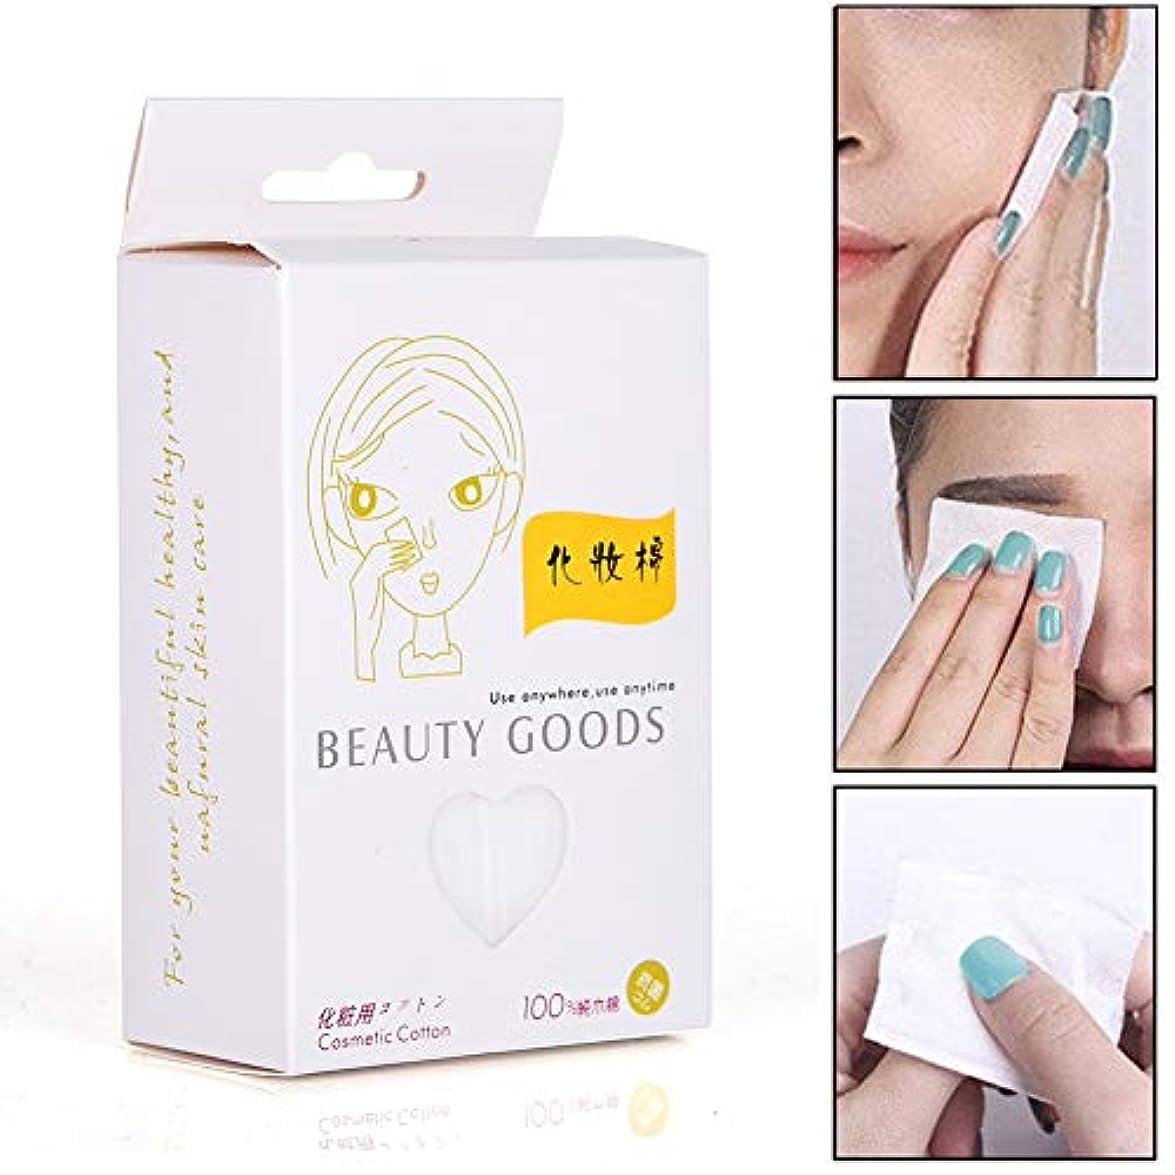 クーポンさびたうつ化粧水パッド&メイク 100個セット/箱 使い捨て 化粧品リムーバークリーニングワイプ